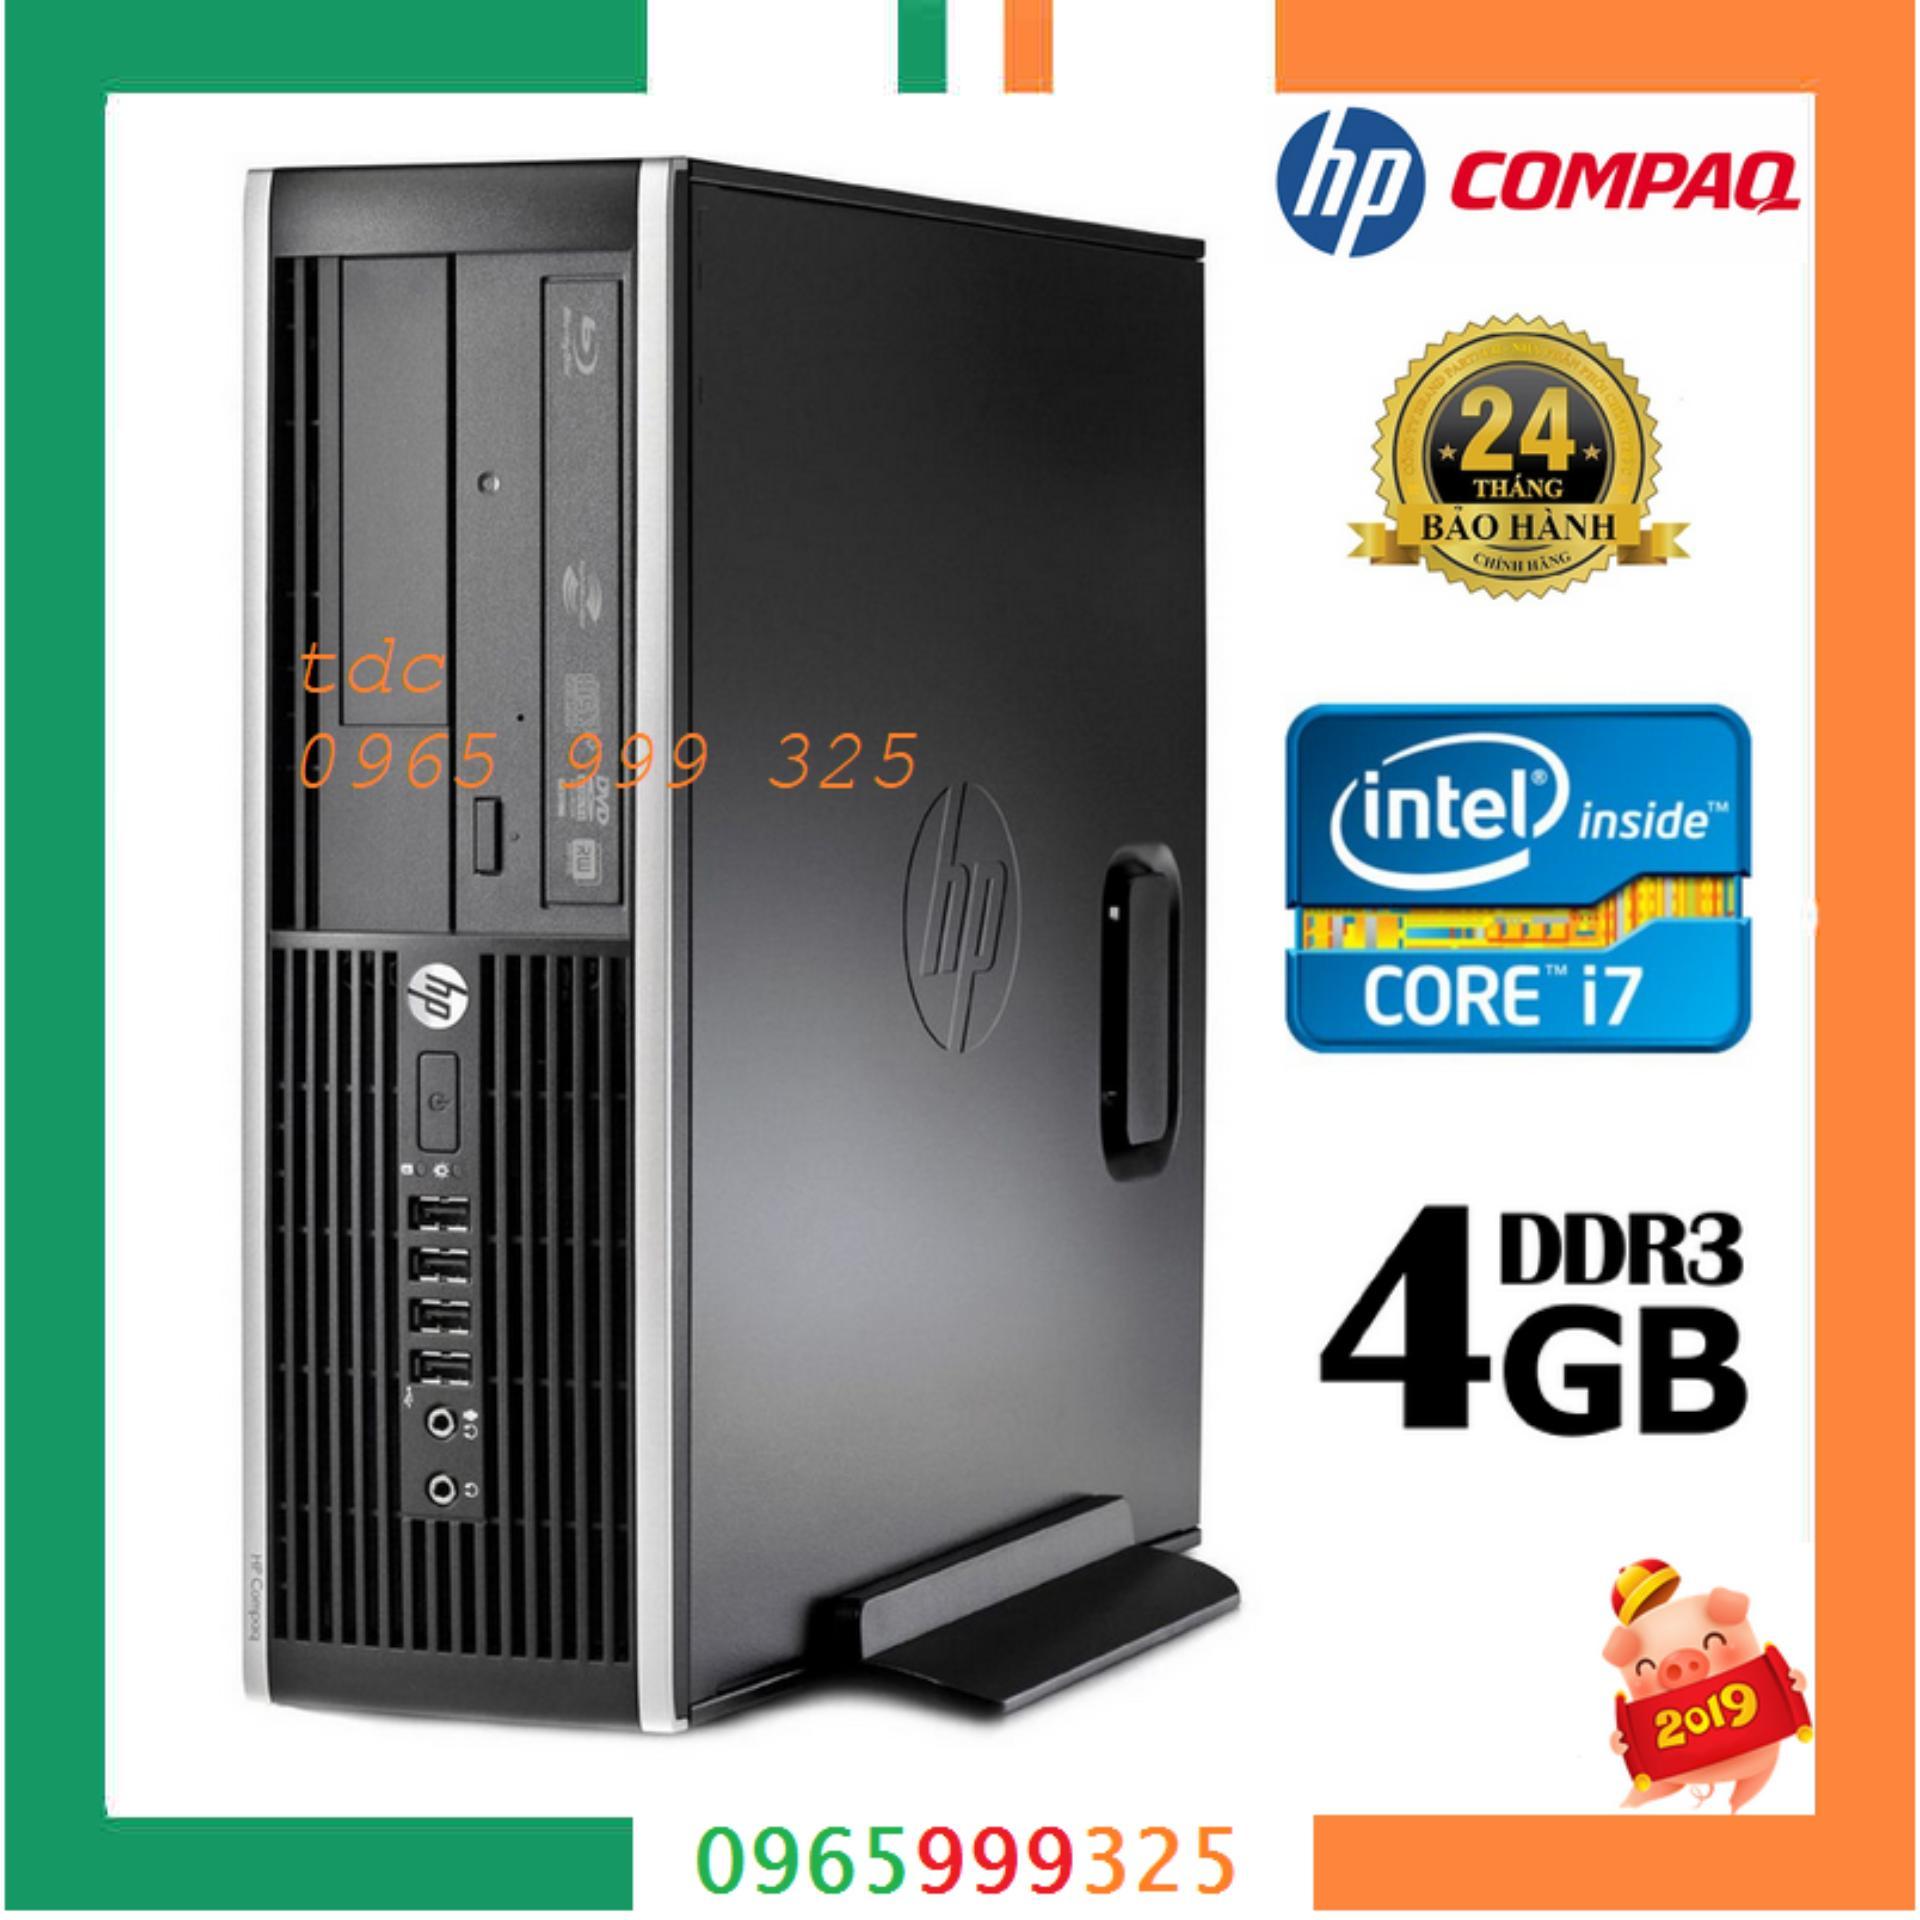 Cây Máy Tính để Bàn HP 6200 Pro Sff (CPU I7 2600, Ram 4GB, HDD 500GB, DVD).Quà Tặng USB Wifi. Hàng Nhập Khẩu Giá Ưu Đãi Không Thể Bỏ Lỡ